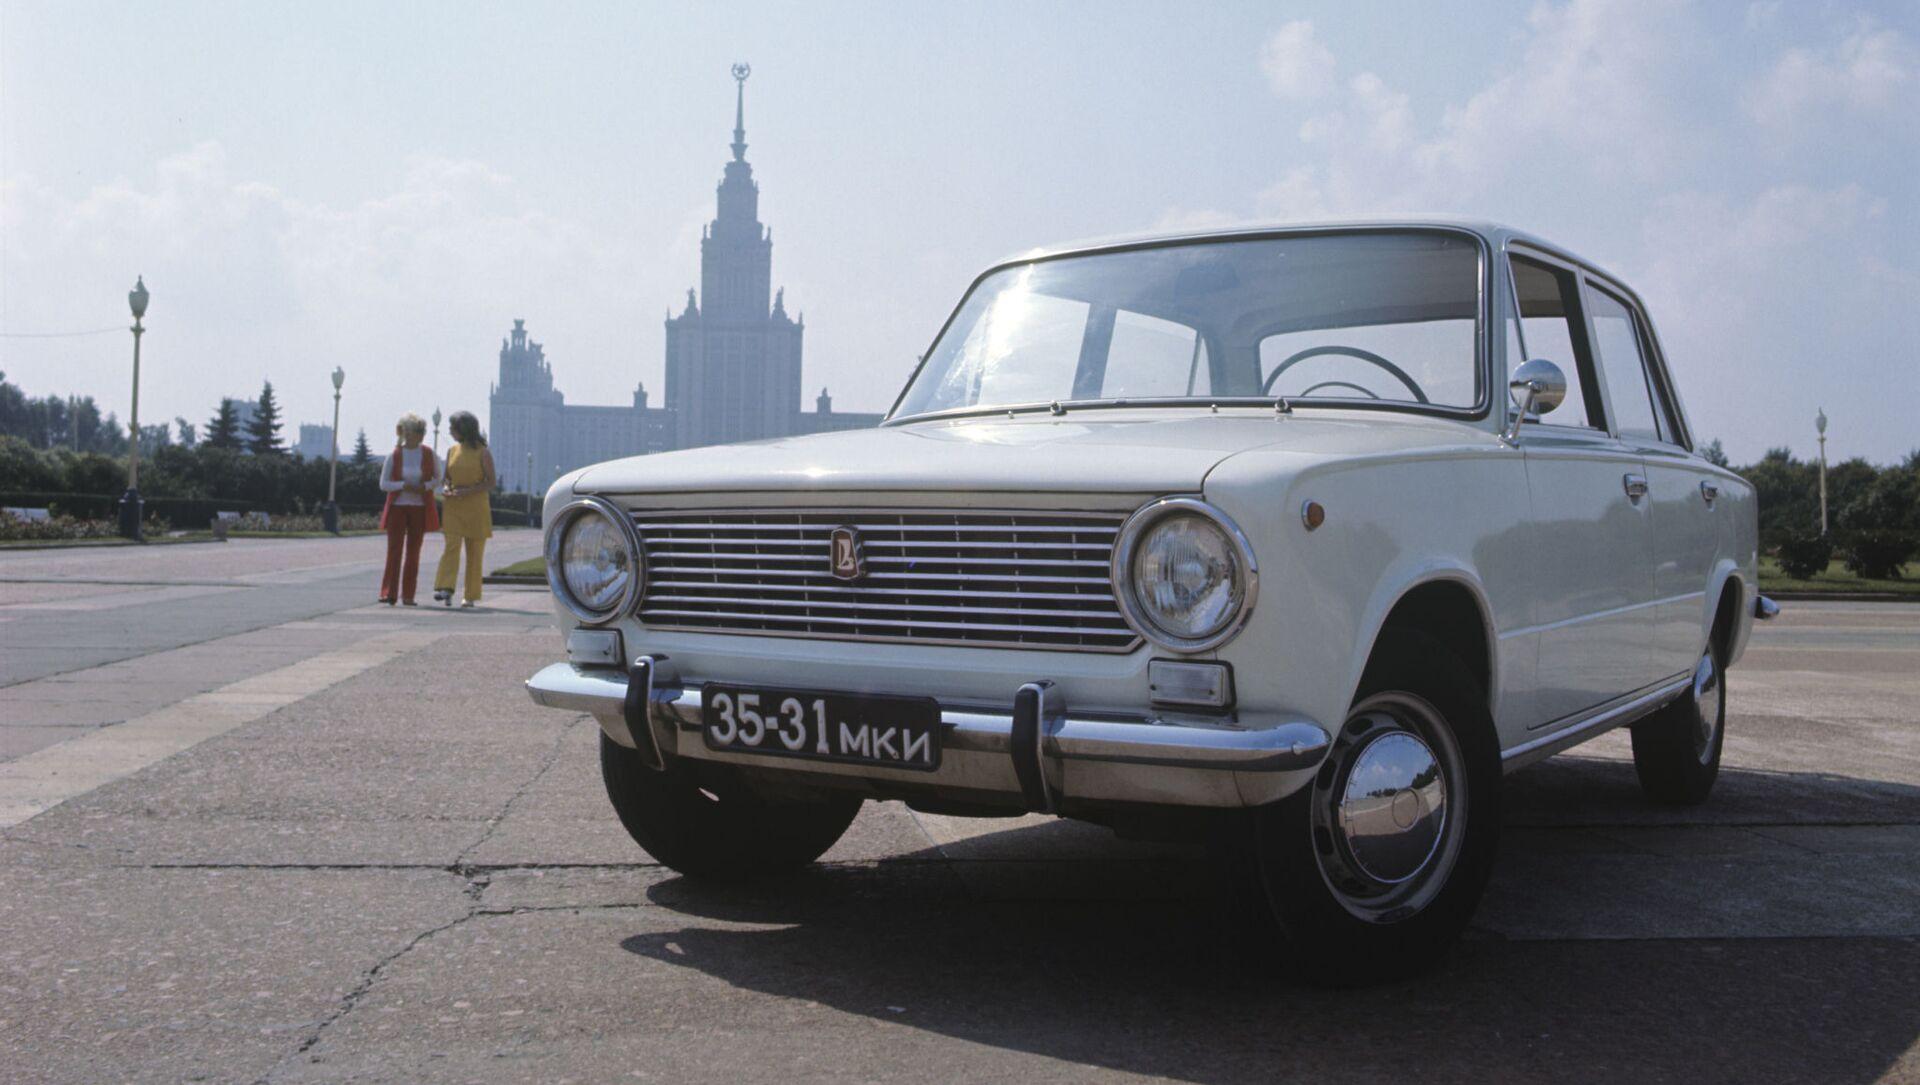 Sovjetski automobil VAZ 2101 Žiguli - Sputnik Srbija, 1920, 03.04.2021